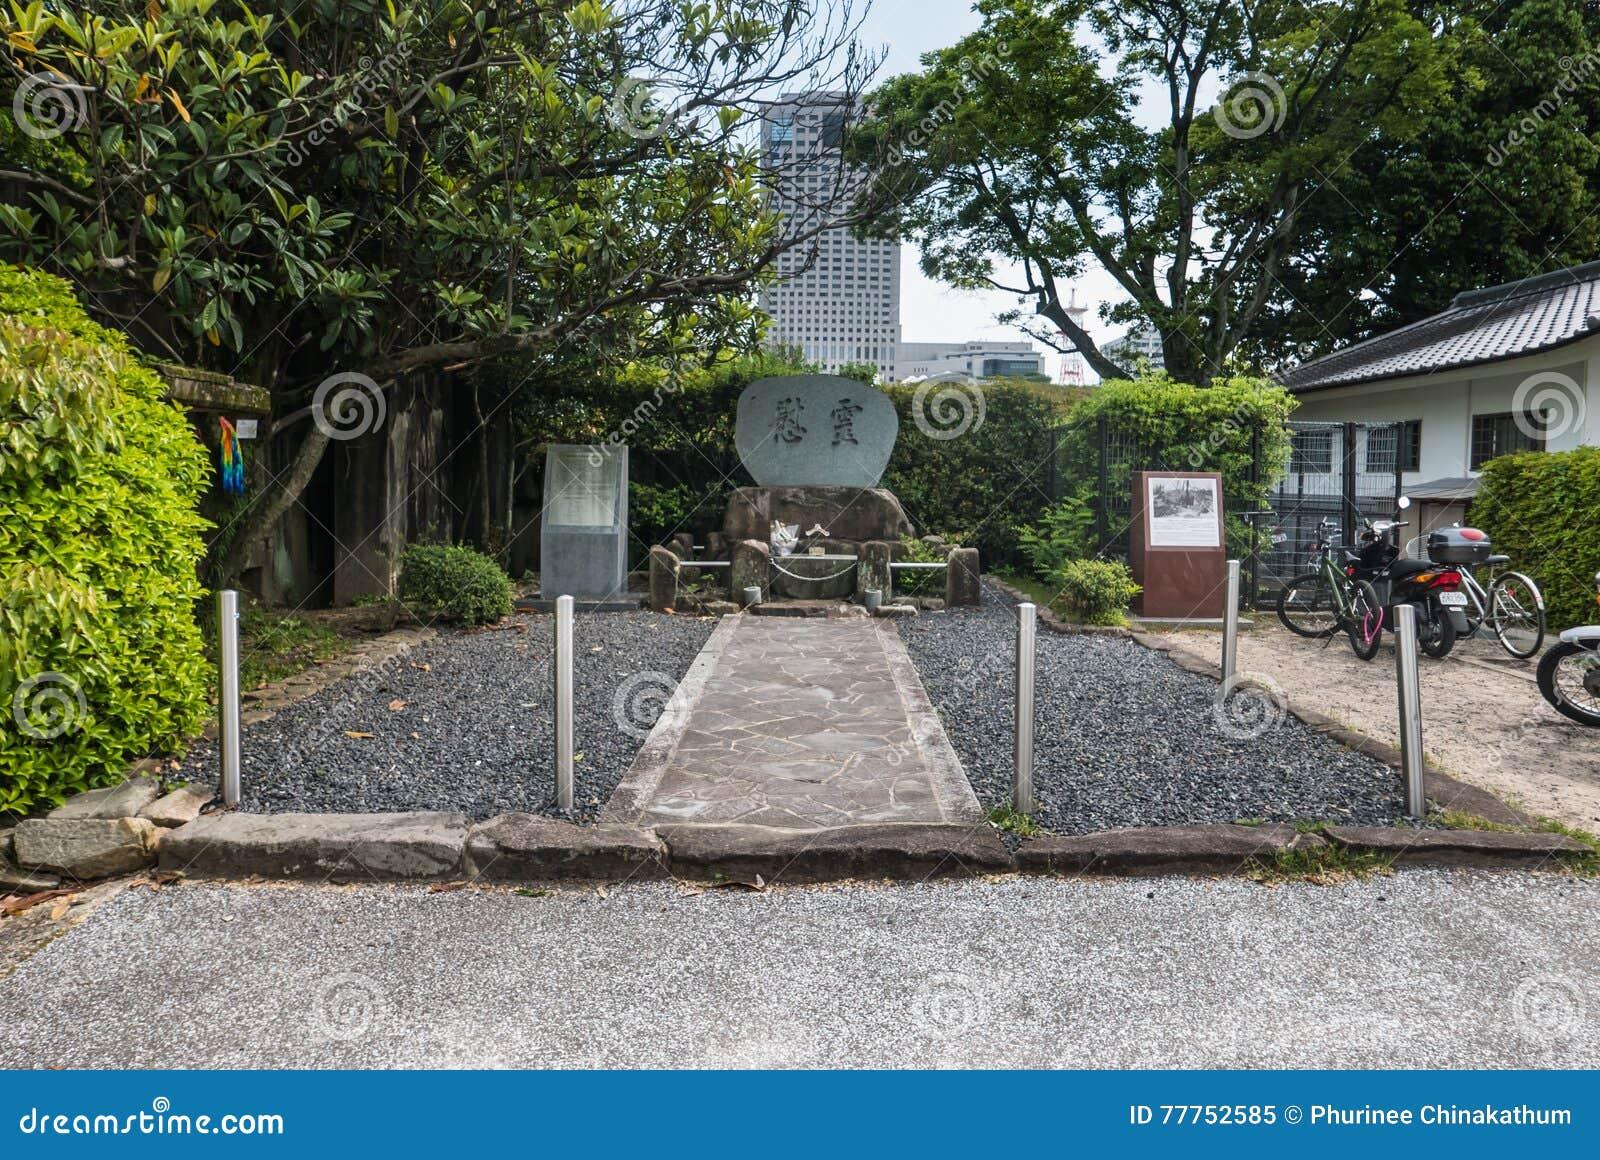 Комната противовоздушной обороны Chugoku